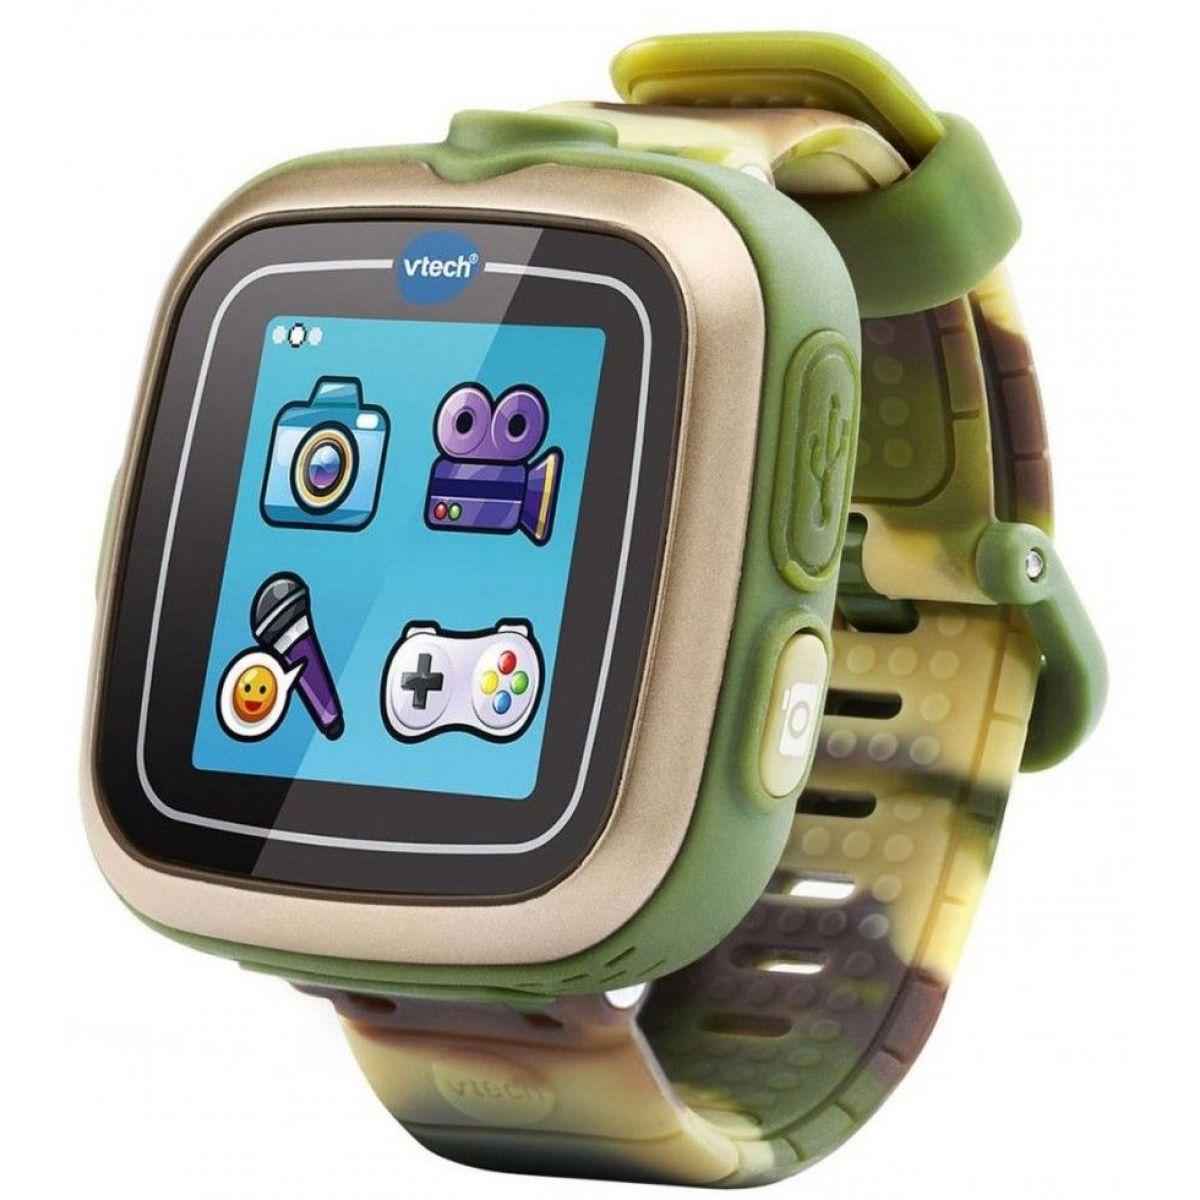 Vtech Kidizoom Smart Watch DX7 maskovacie